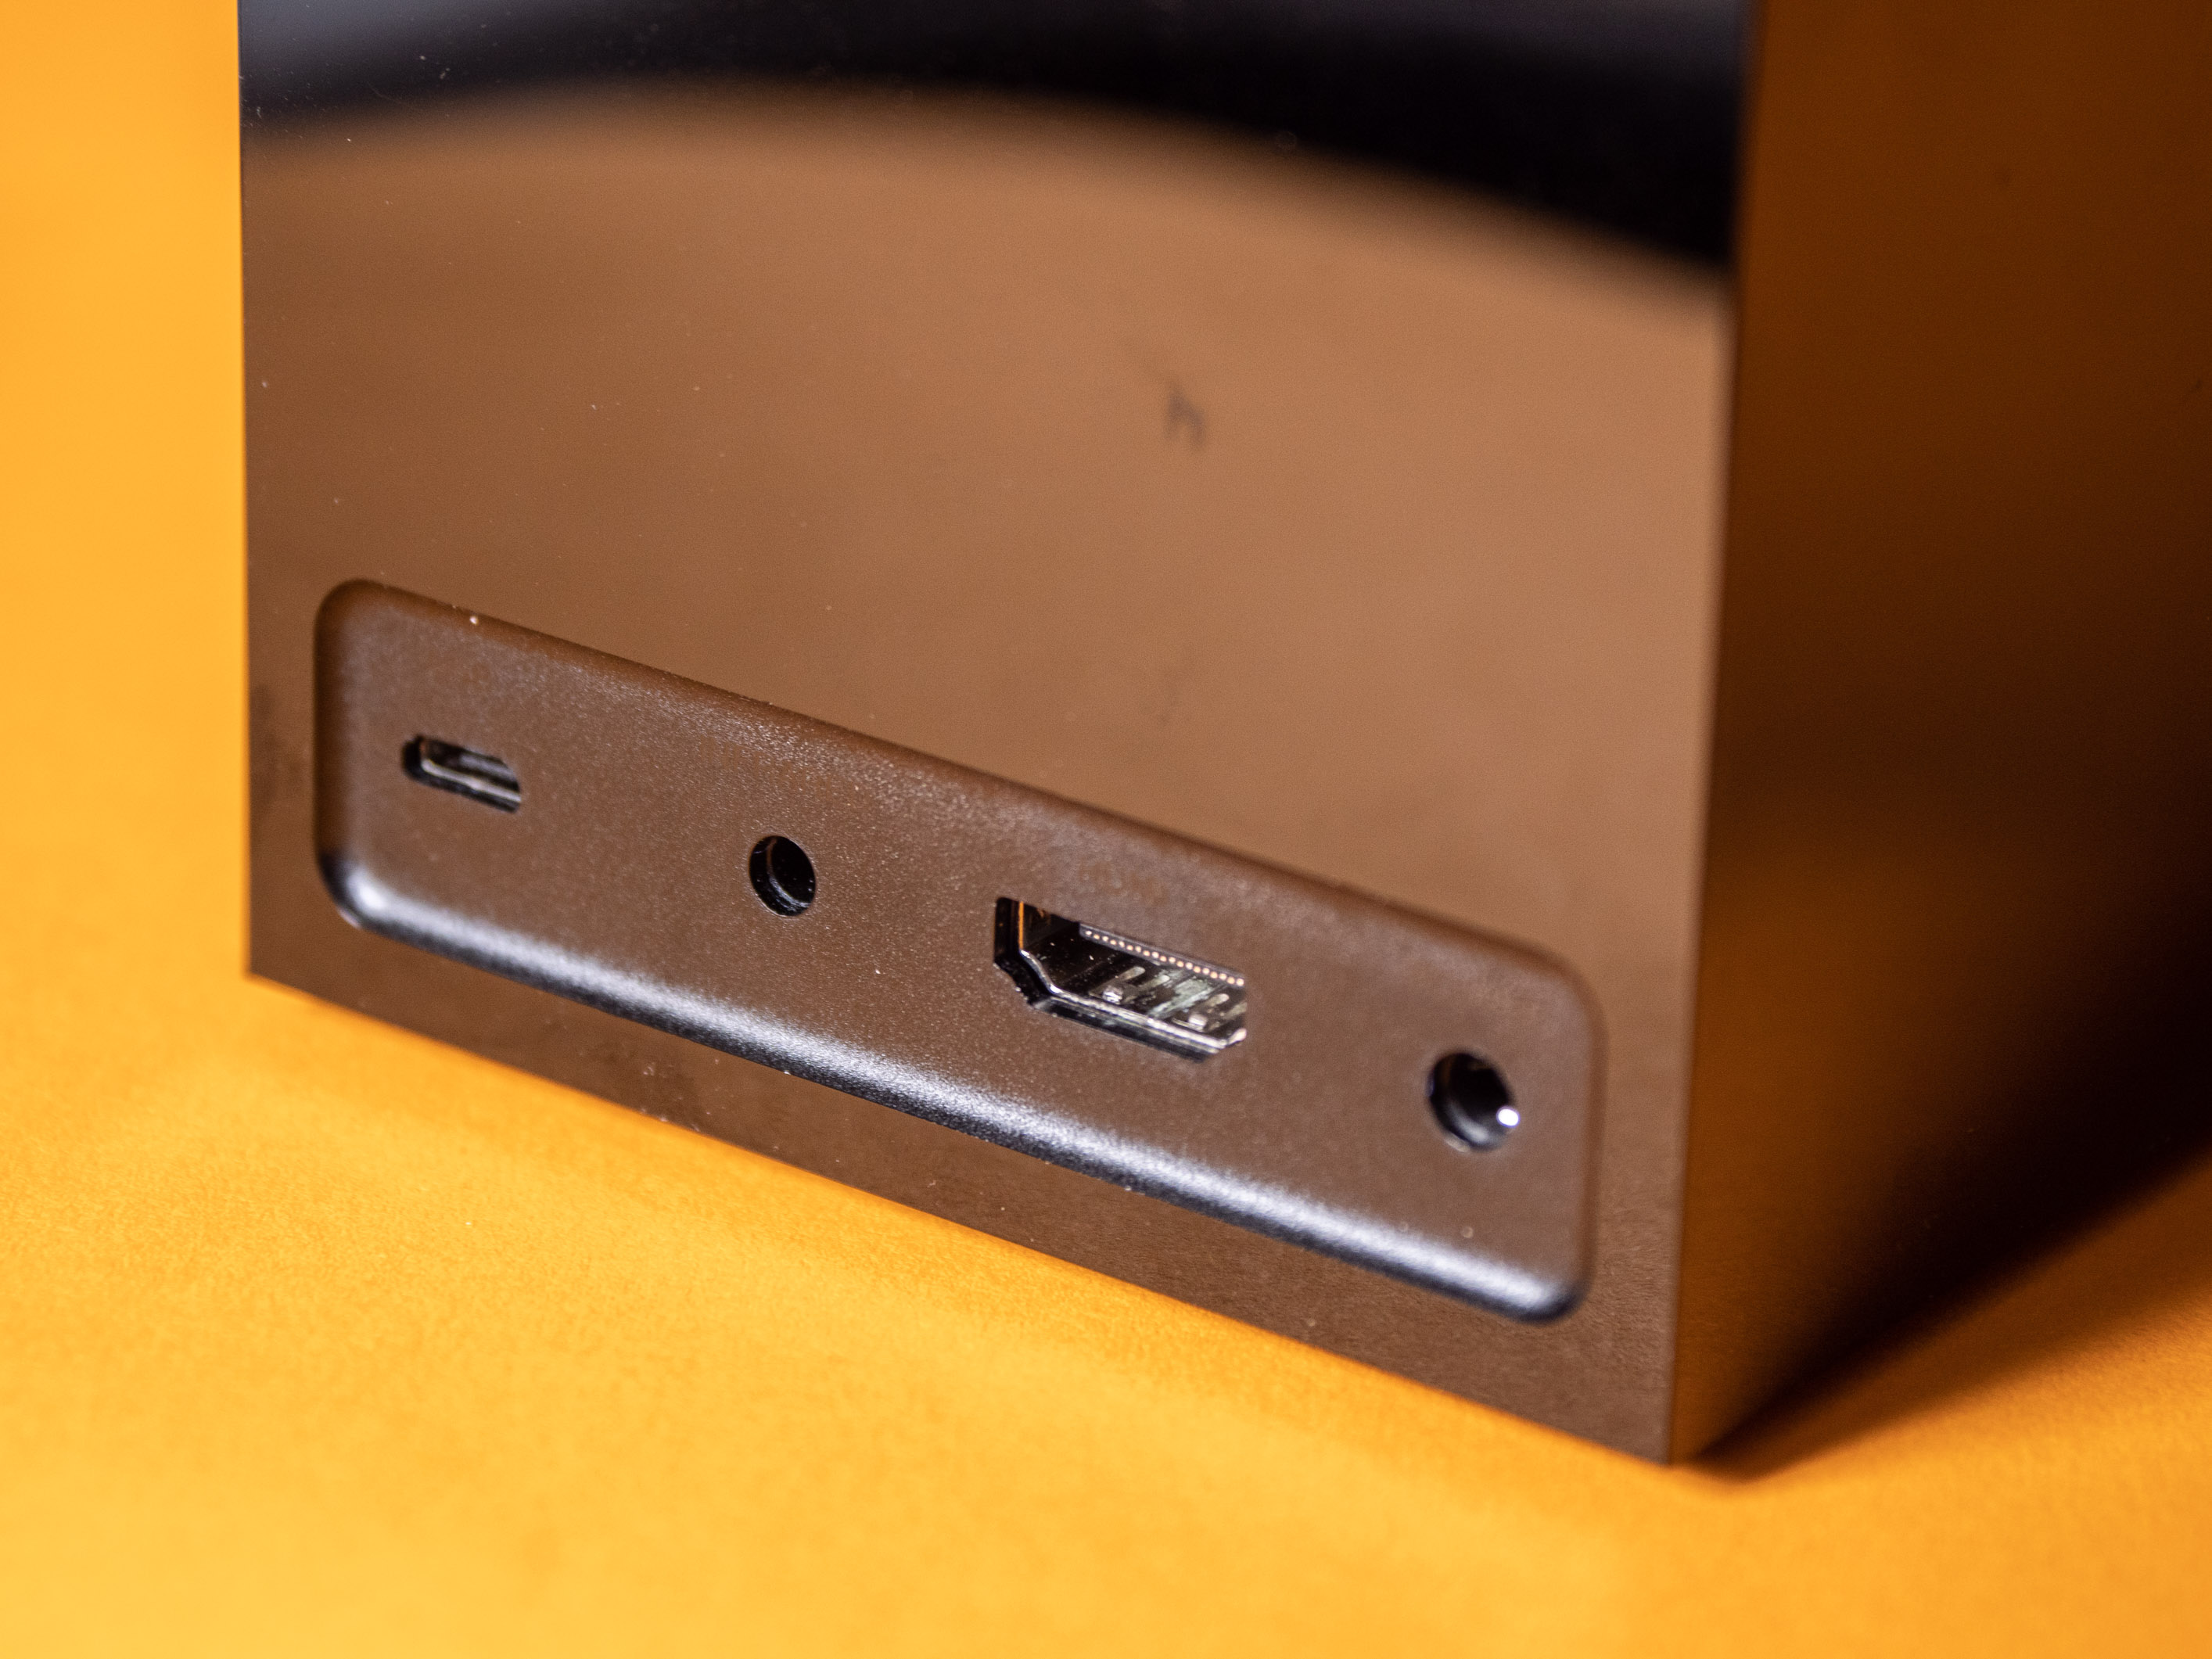 Fire TV Cube im Praxistest: Das beste Fire TV mit fast perfekter Alexa-Sprachsteuerung -